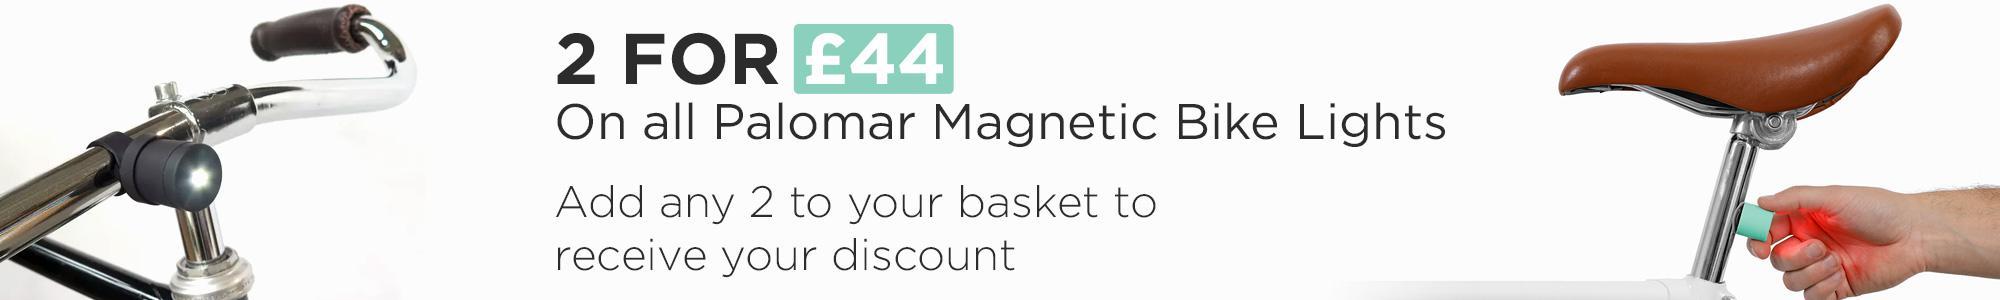 2 for £44 on all Palomar Lucetta Magnetic Unisex Bike Lights